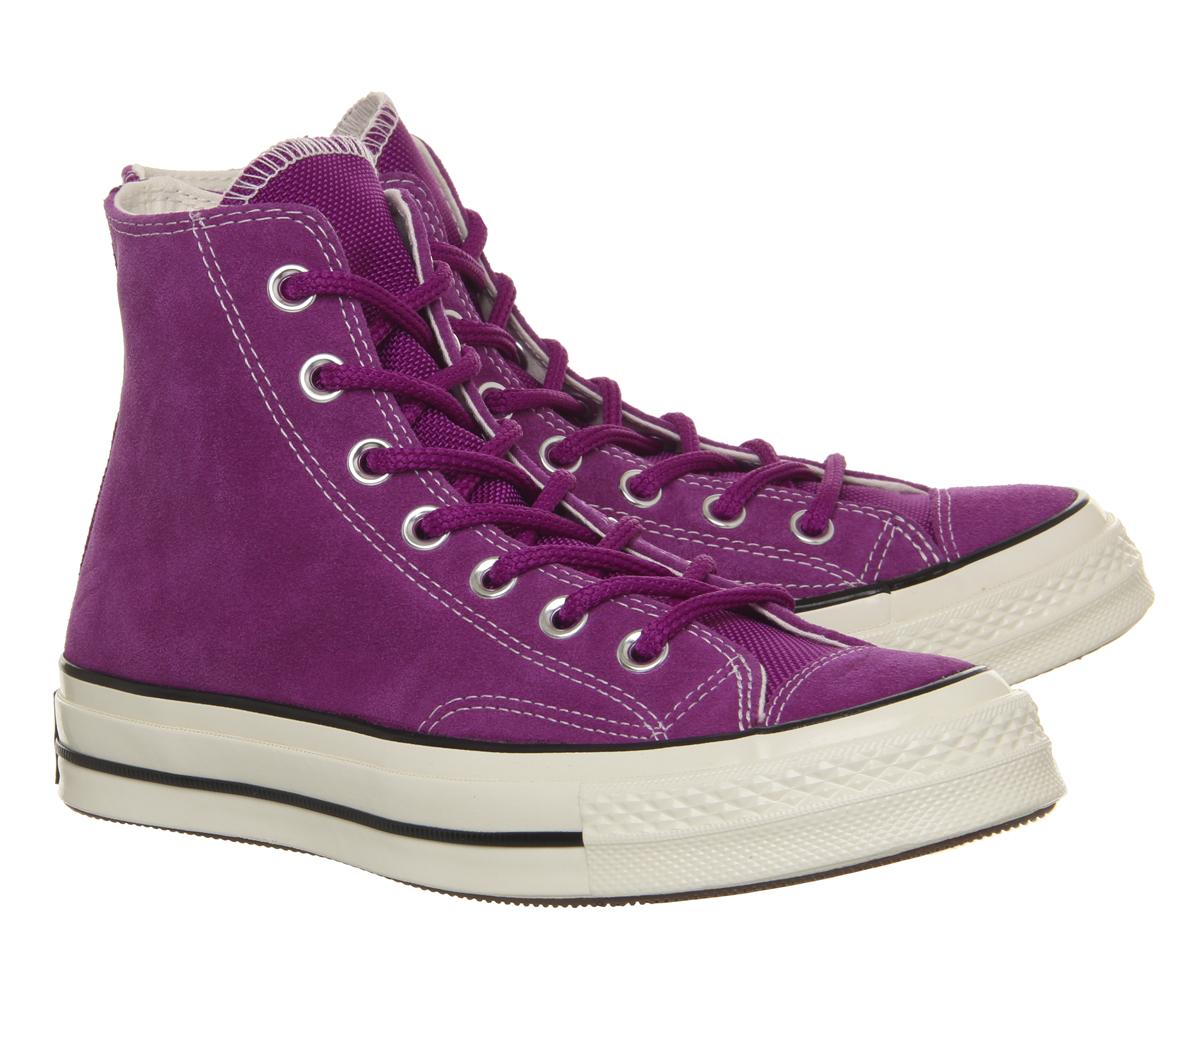 7fe8974a8 Para Hombre Converse Star Hi años 70 entrenadores icono All Violeta ...